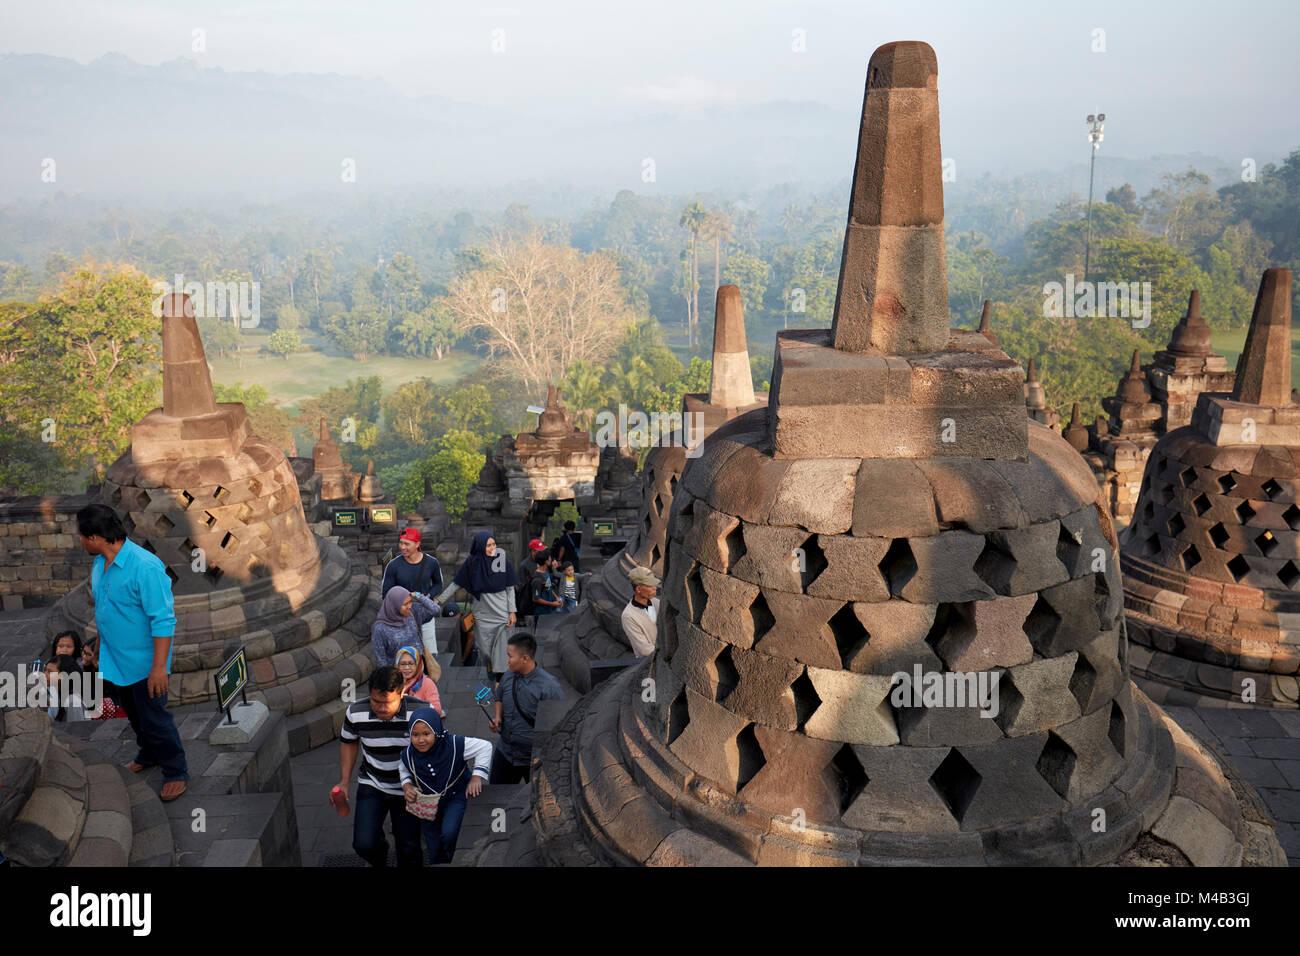 Les touristes visitant Borobudur Temple Bouddhiste. Regency Magelang, Java, Indonésie. Banque D'Images